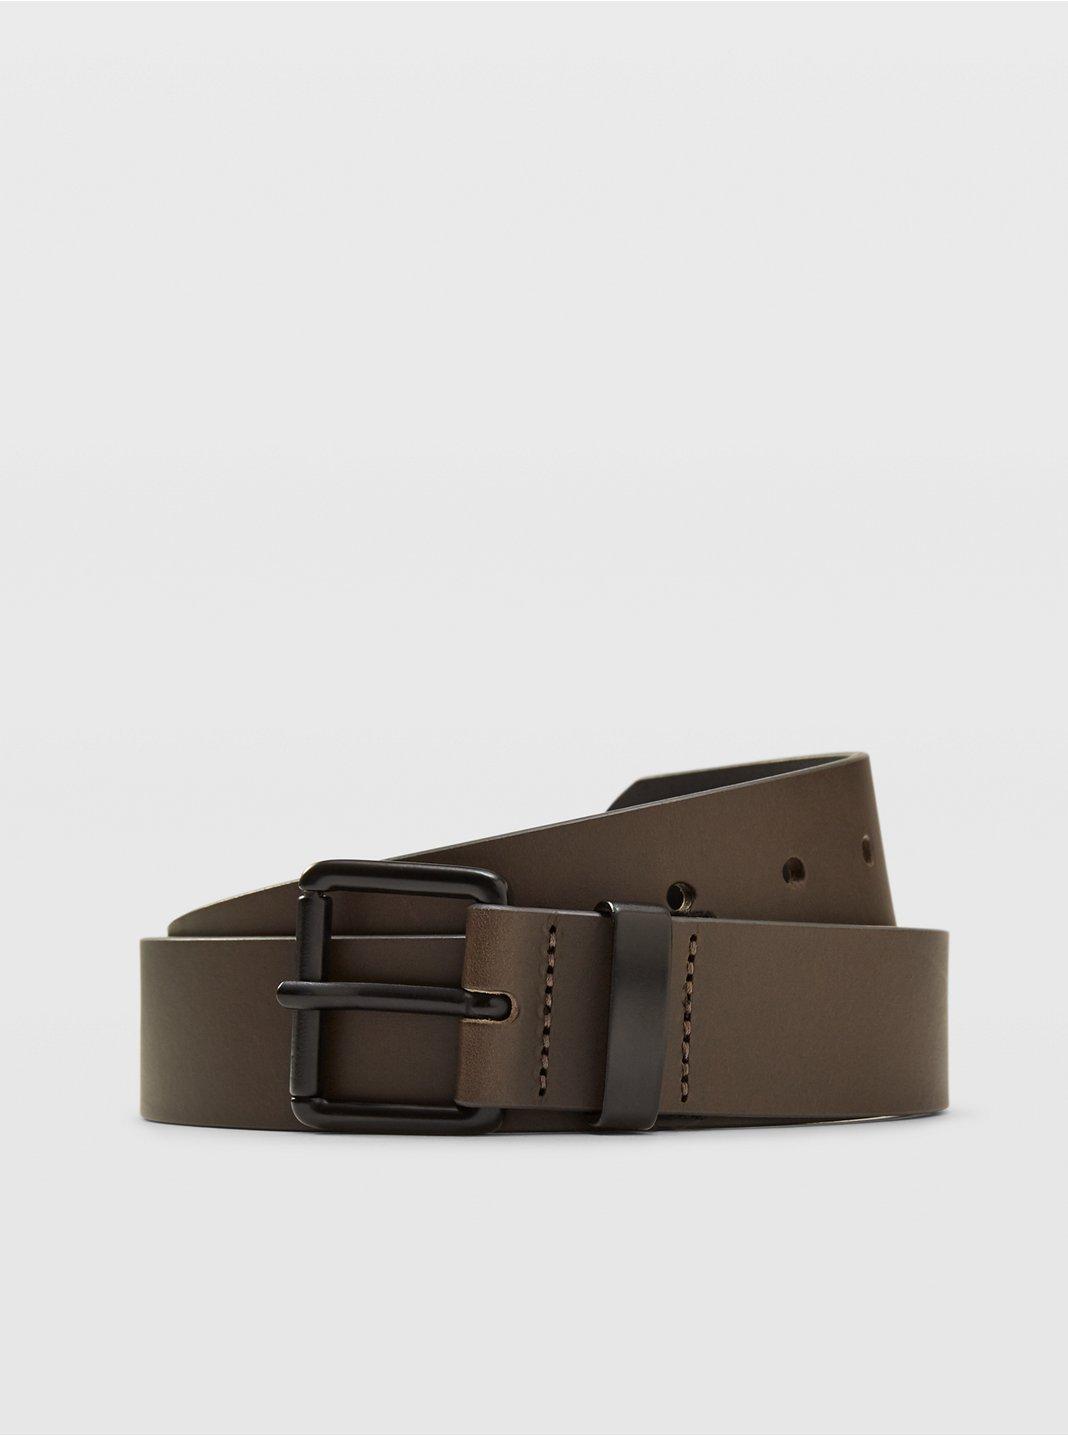 클럽 모나코 벨트 Club Monaco Double Face Leather Belt,Black Olive